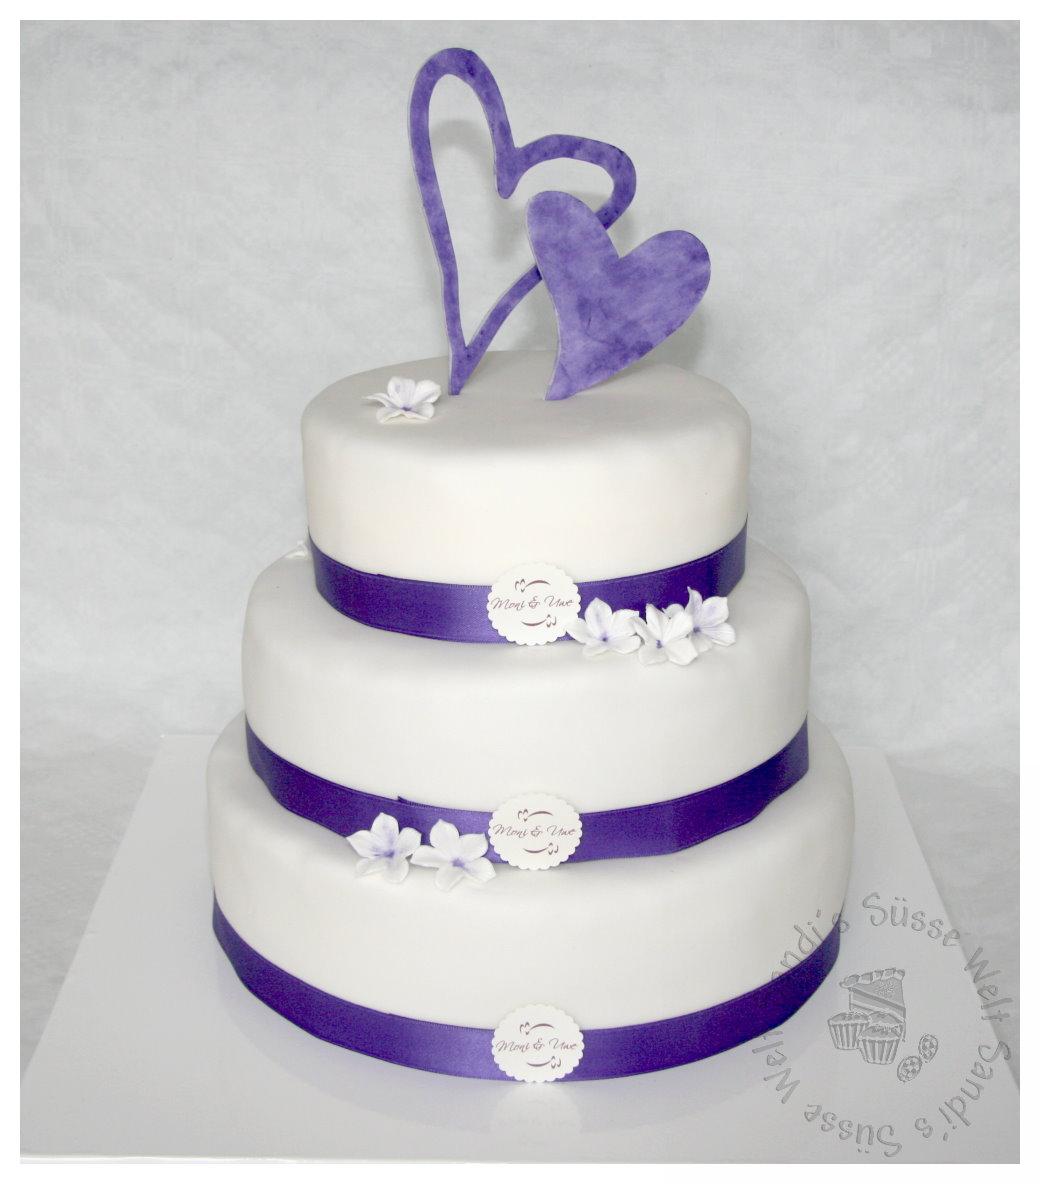 Sandi S Susse Welt Hochzeitstorte In Lila